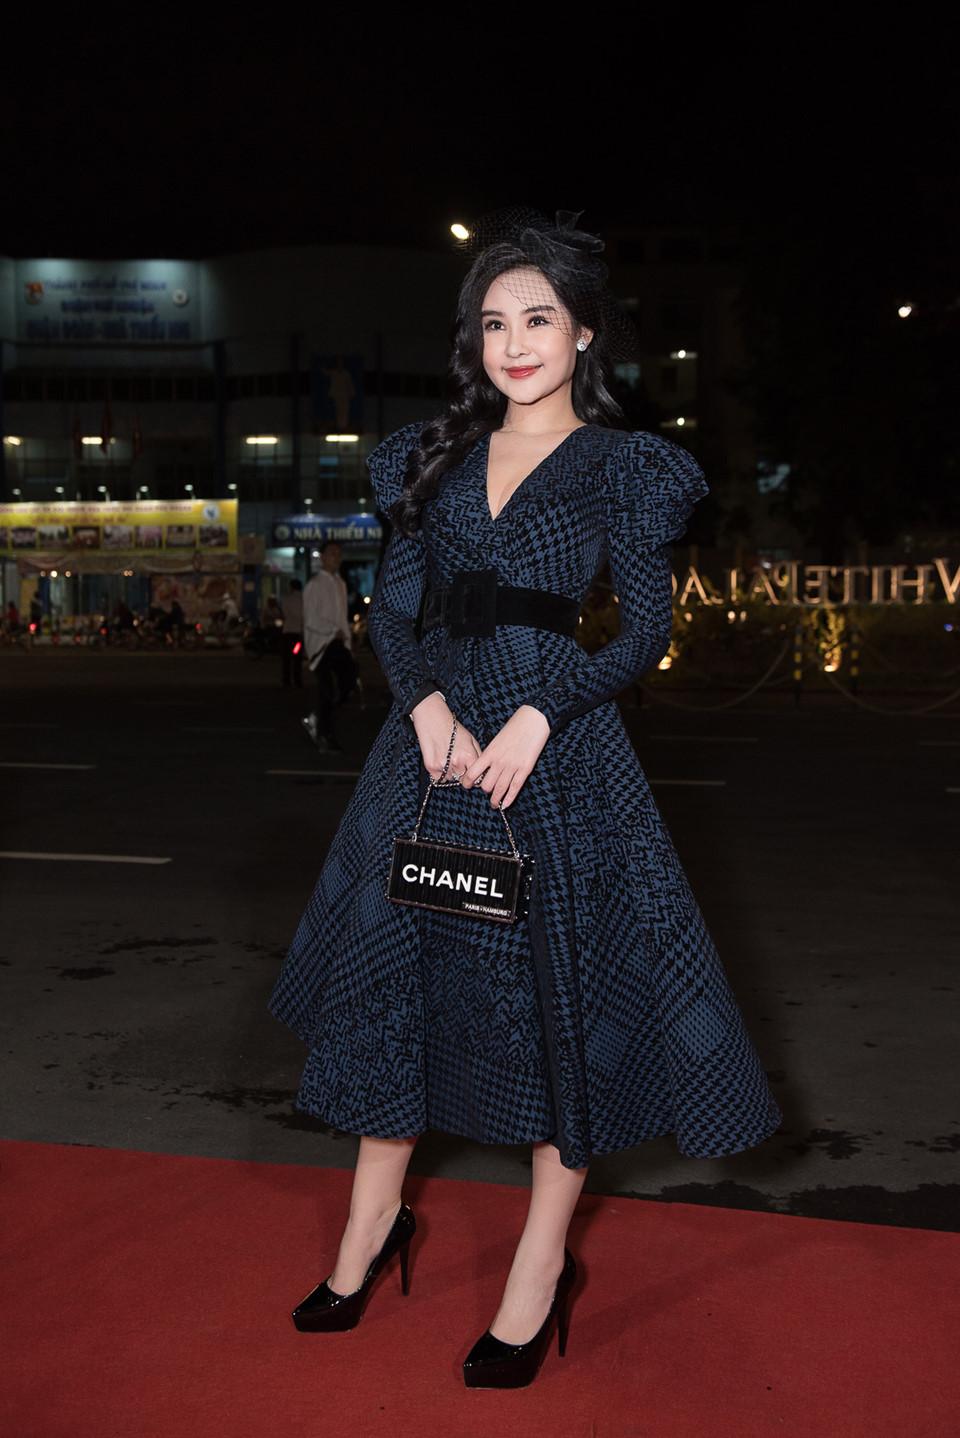 Quỳnh Anh diện đầm xẻ bạo sexy, đối lập 'đối thủ' Bảo Anh 'kín cổng cao tường' - Ảnh 7